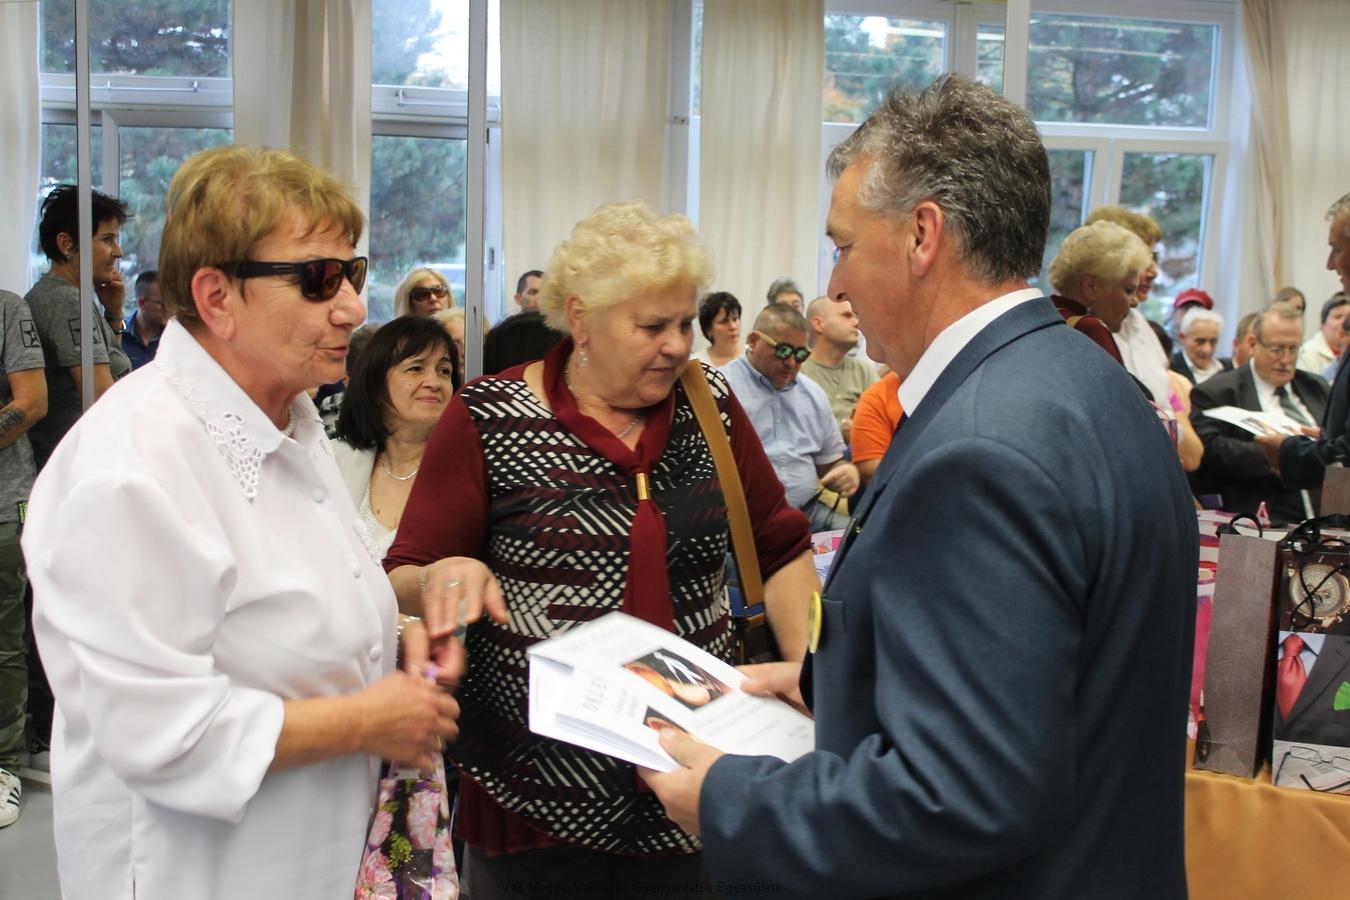 Bősze György elnök úr és Nagy Lászlóné Marika alelnök asszony oklevéllel és ajándékcsomaggal köszönték meg a VGYVE tagjainak, támogatóinak a munkáját. A képen  Vargyas Réka veszi át az elismerést tőlük.